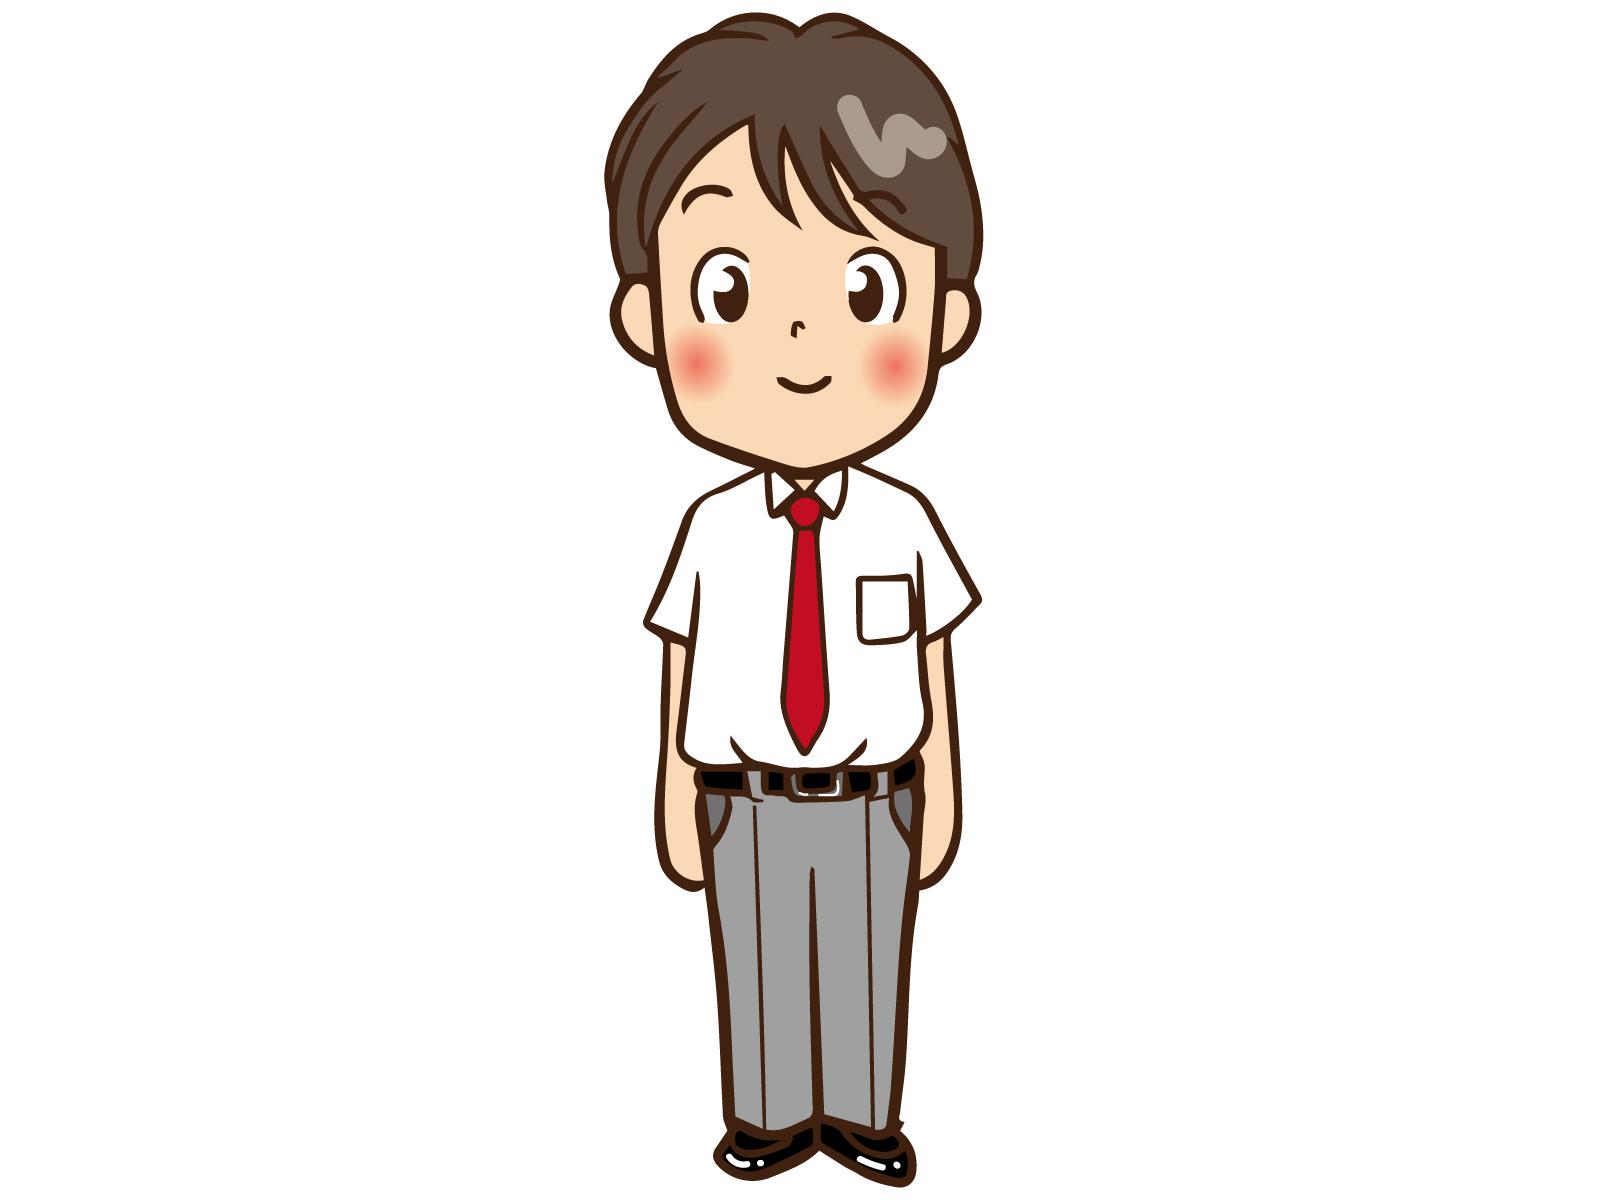 地方公務員の竹田です。